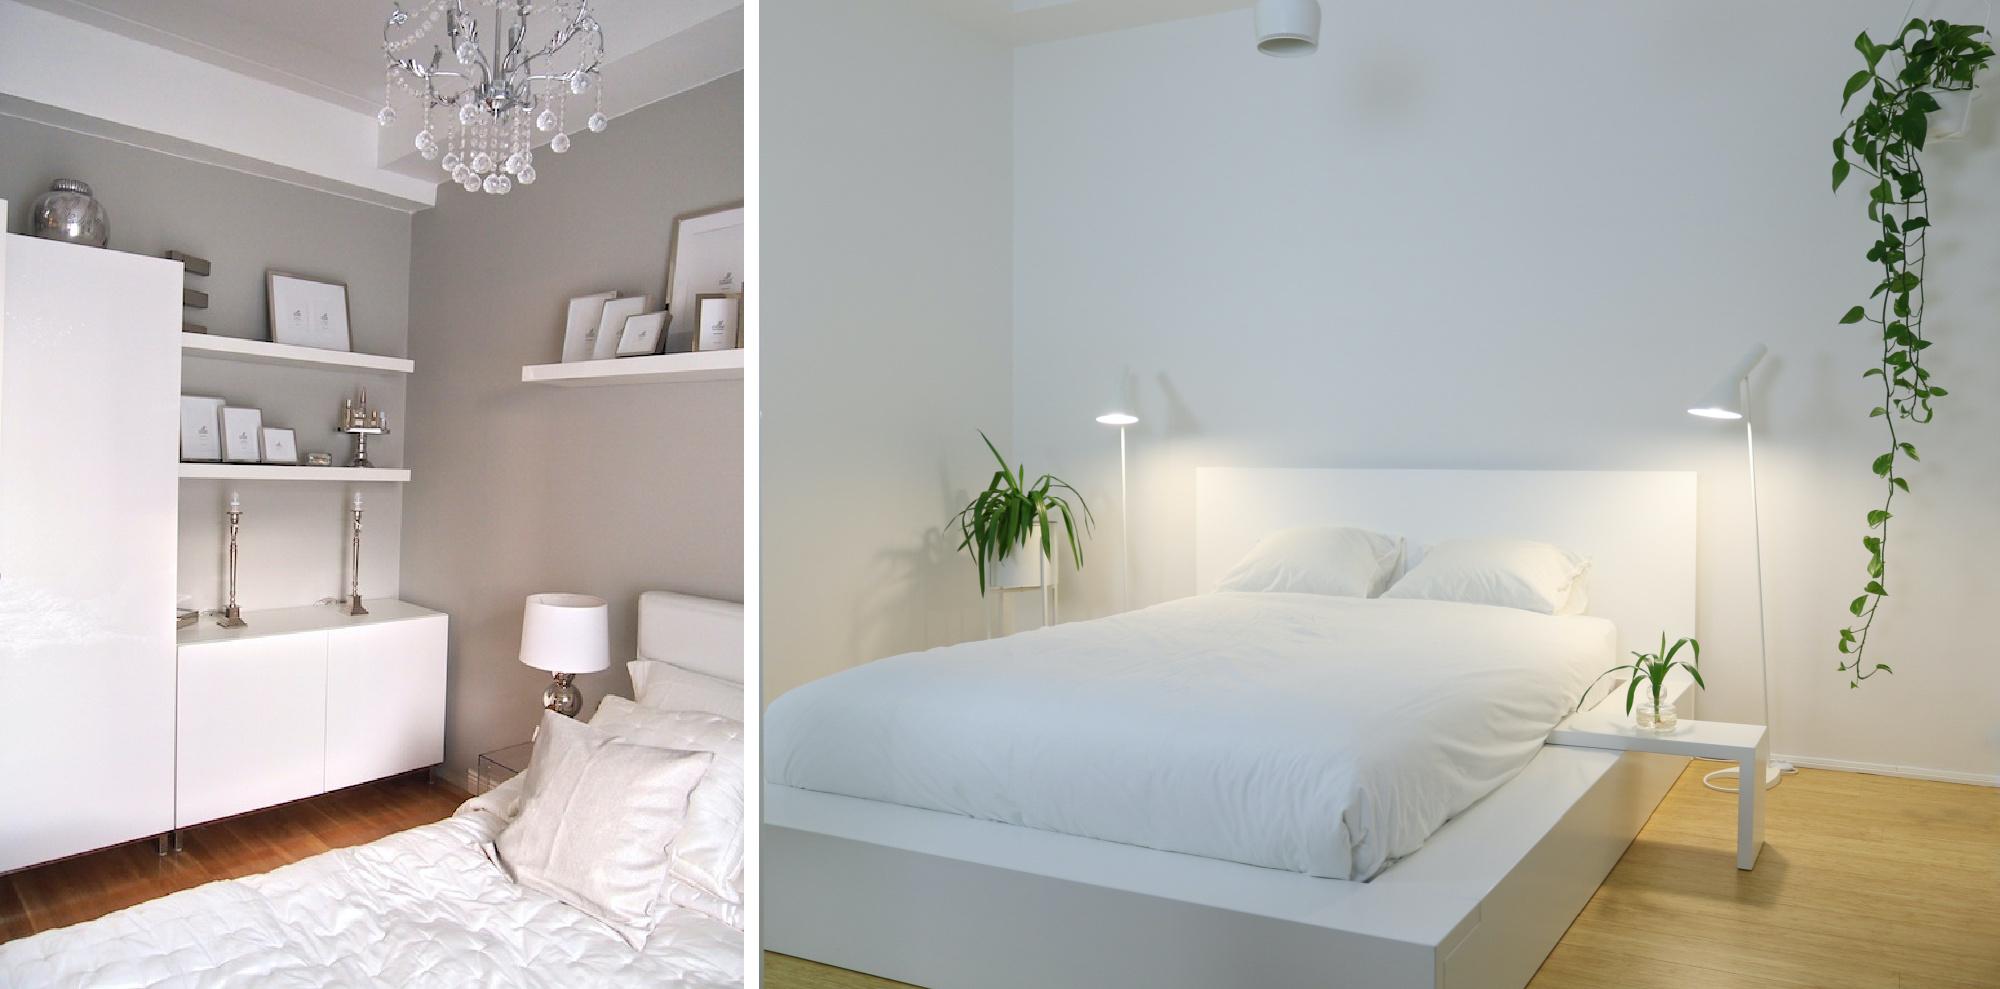 Maalisävy makuuhuoneeseen ennen ja jälkeen kuvia - Sisustusblogi Omakotivalkoinen